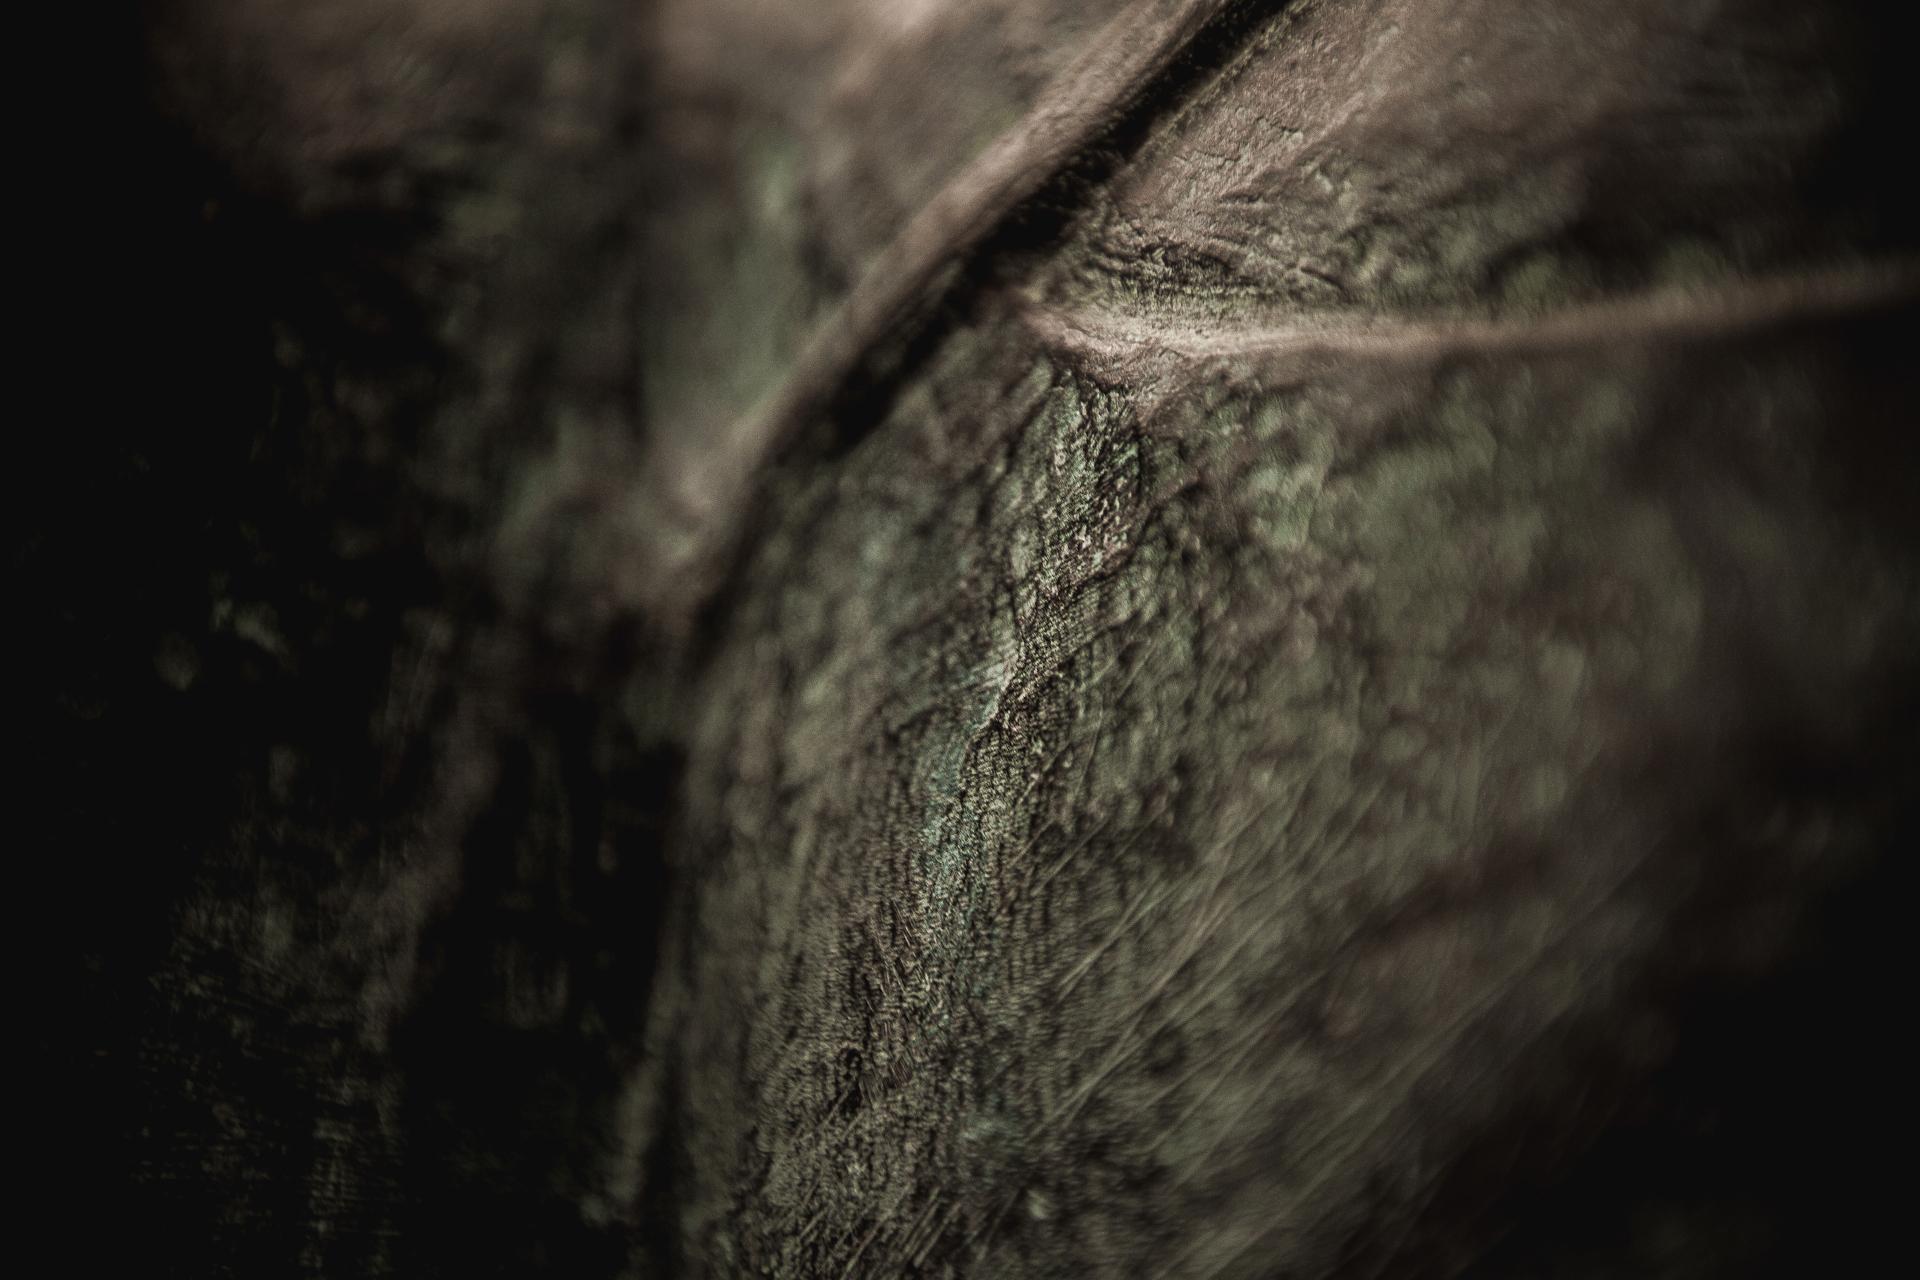 Fotografia-Photography-Alberto-Carneiro-Escultura-Sculpture-Bronze-Madeira-Wood-Basalto-Basalt-Fabrica-Santo-Thyrso-Texturas-Textures-Parcial-Partial-bonjourmolotov-Andre-Gigante-01